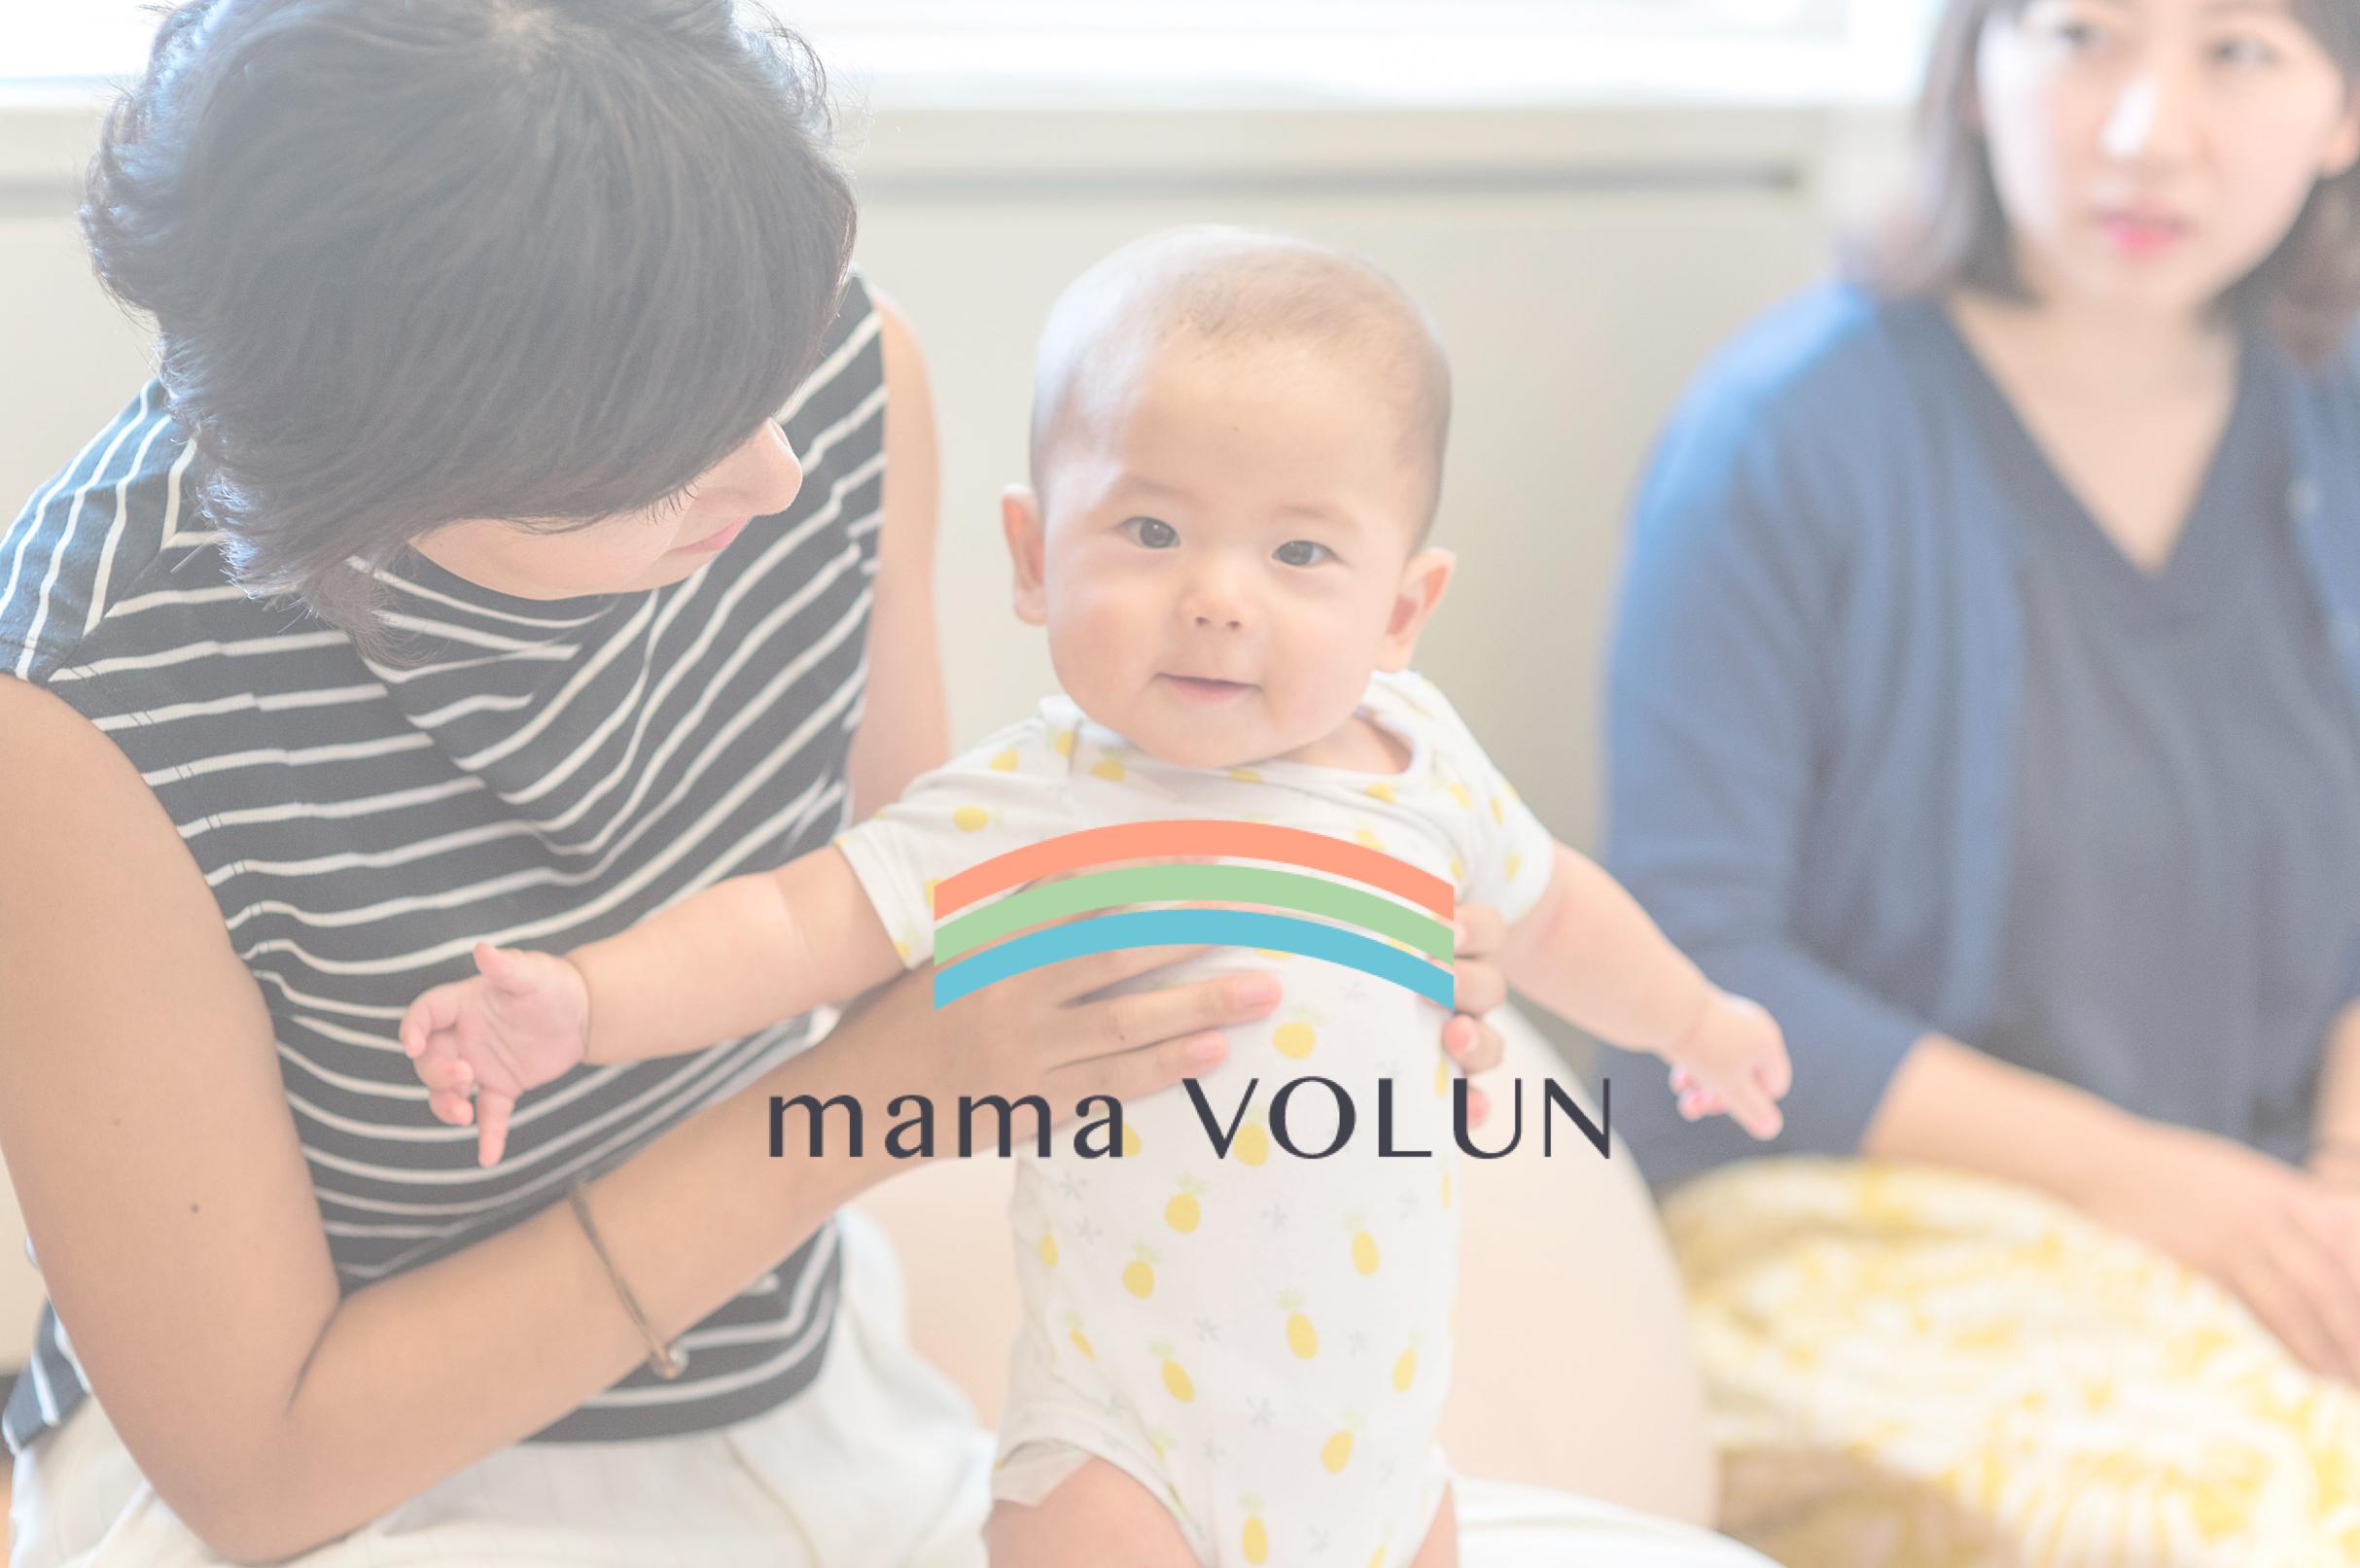 育休中にボランティアで働く?!ママのキャリア支援サービス「ママボラン」を取材してきました。